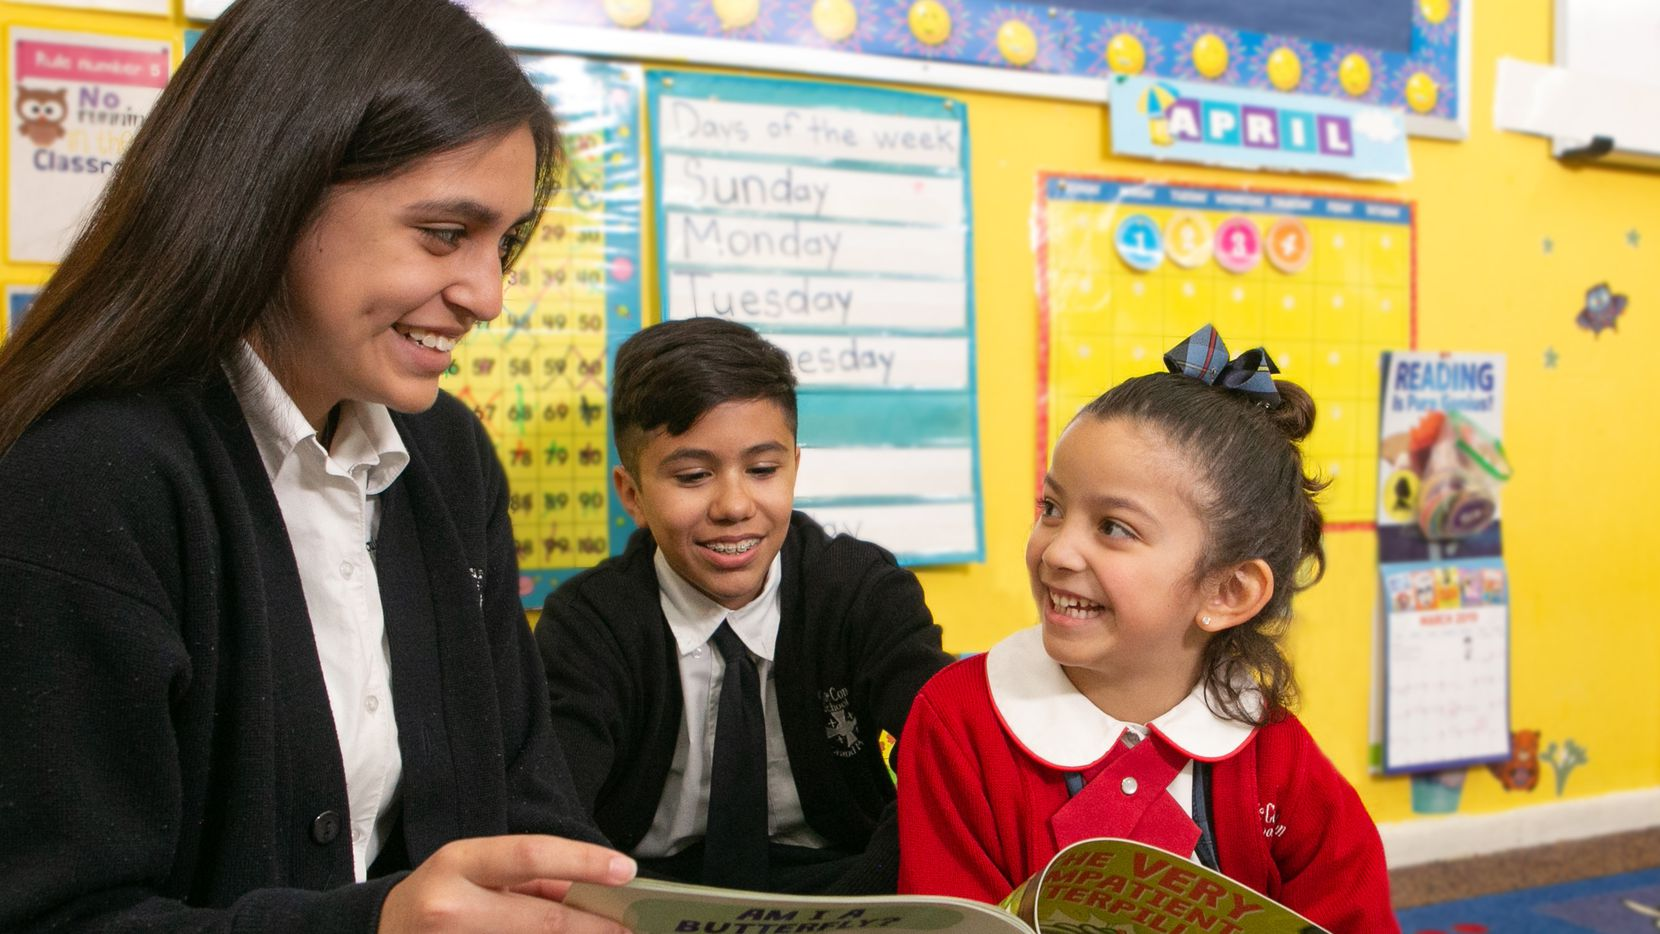 Las escuelas católicas de la diócesis de Dallas volverán a tener clases presenciales a partir del 2 de septiembre.